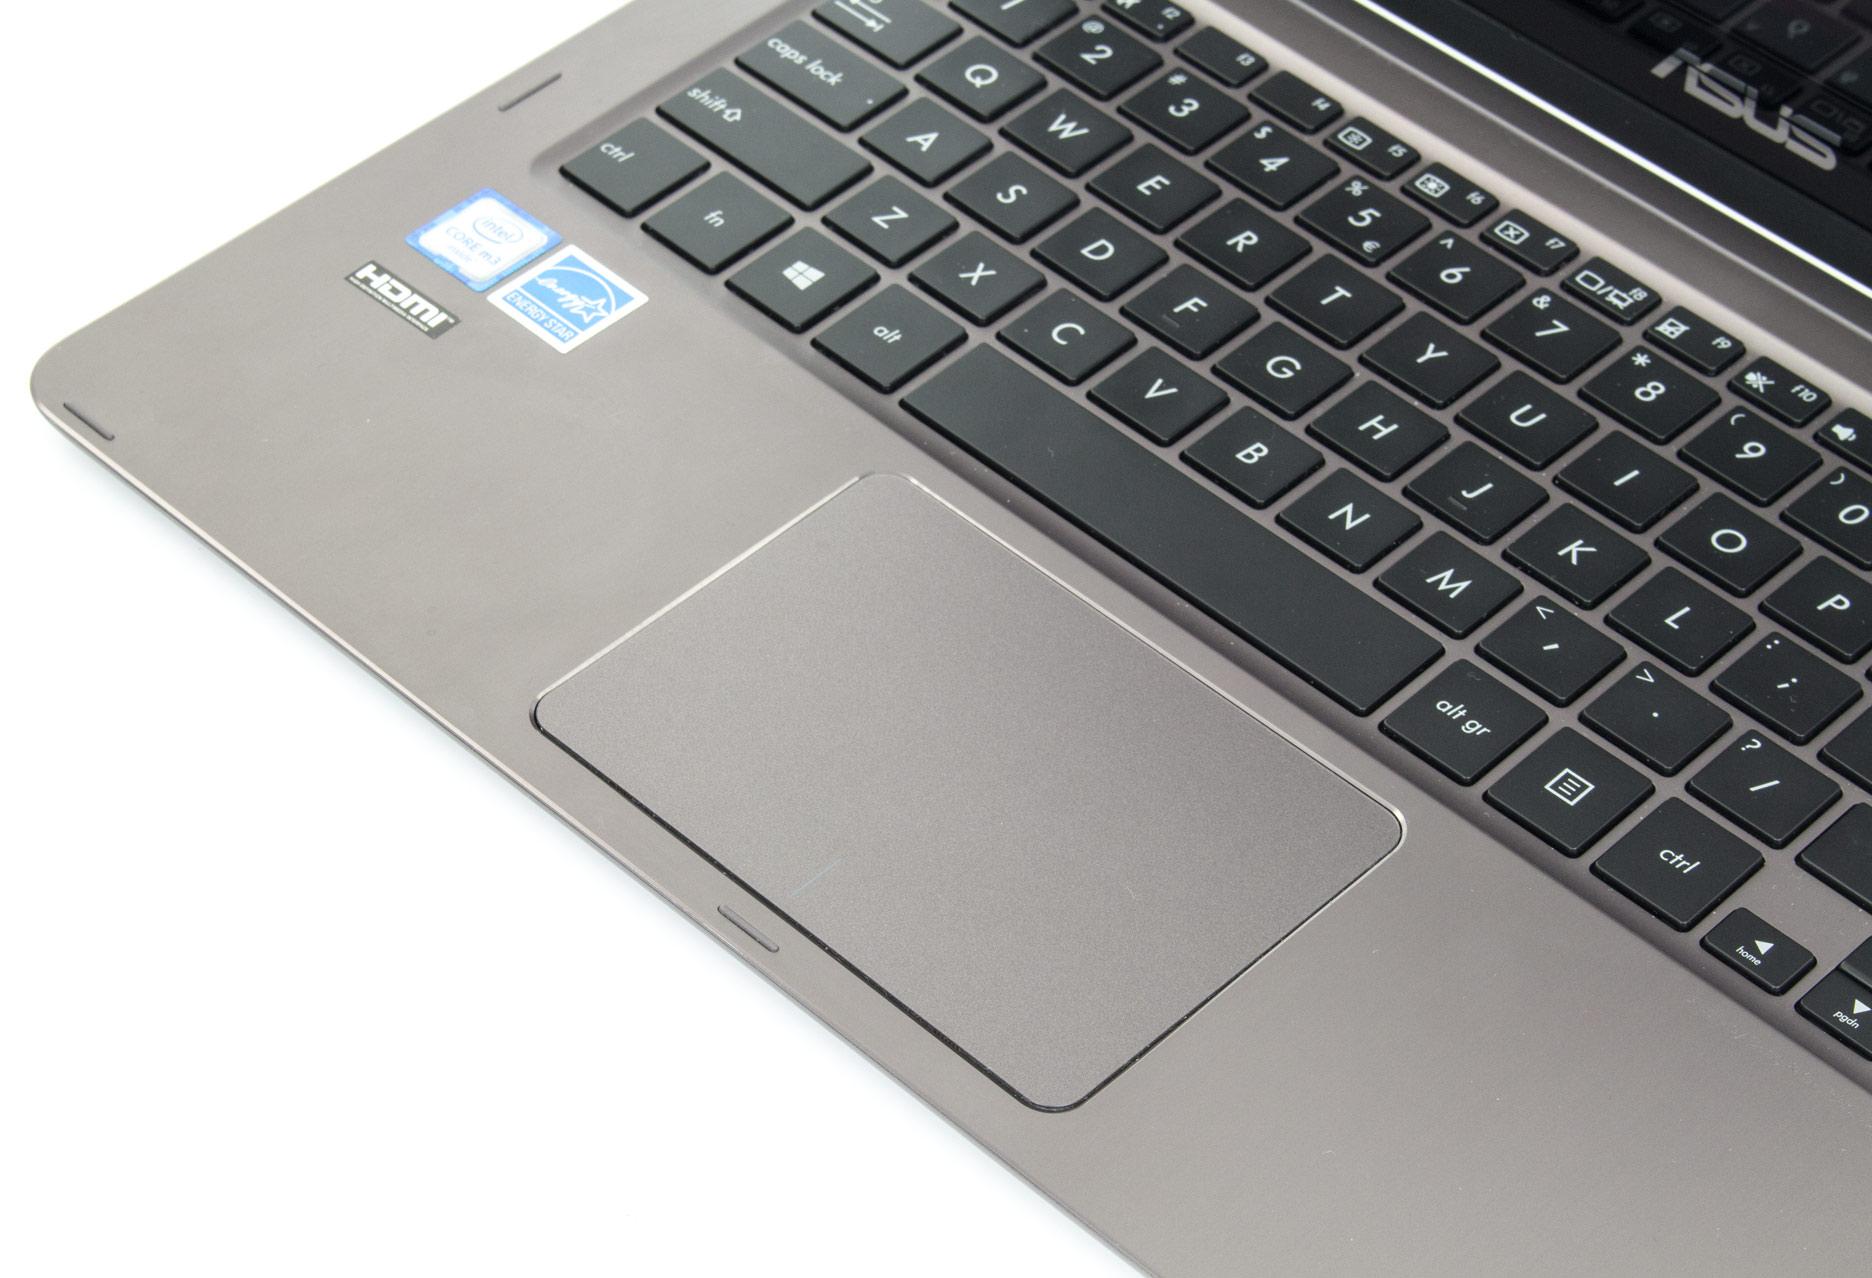 Asus Zenbook Flip UX360CA touchpad